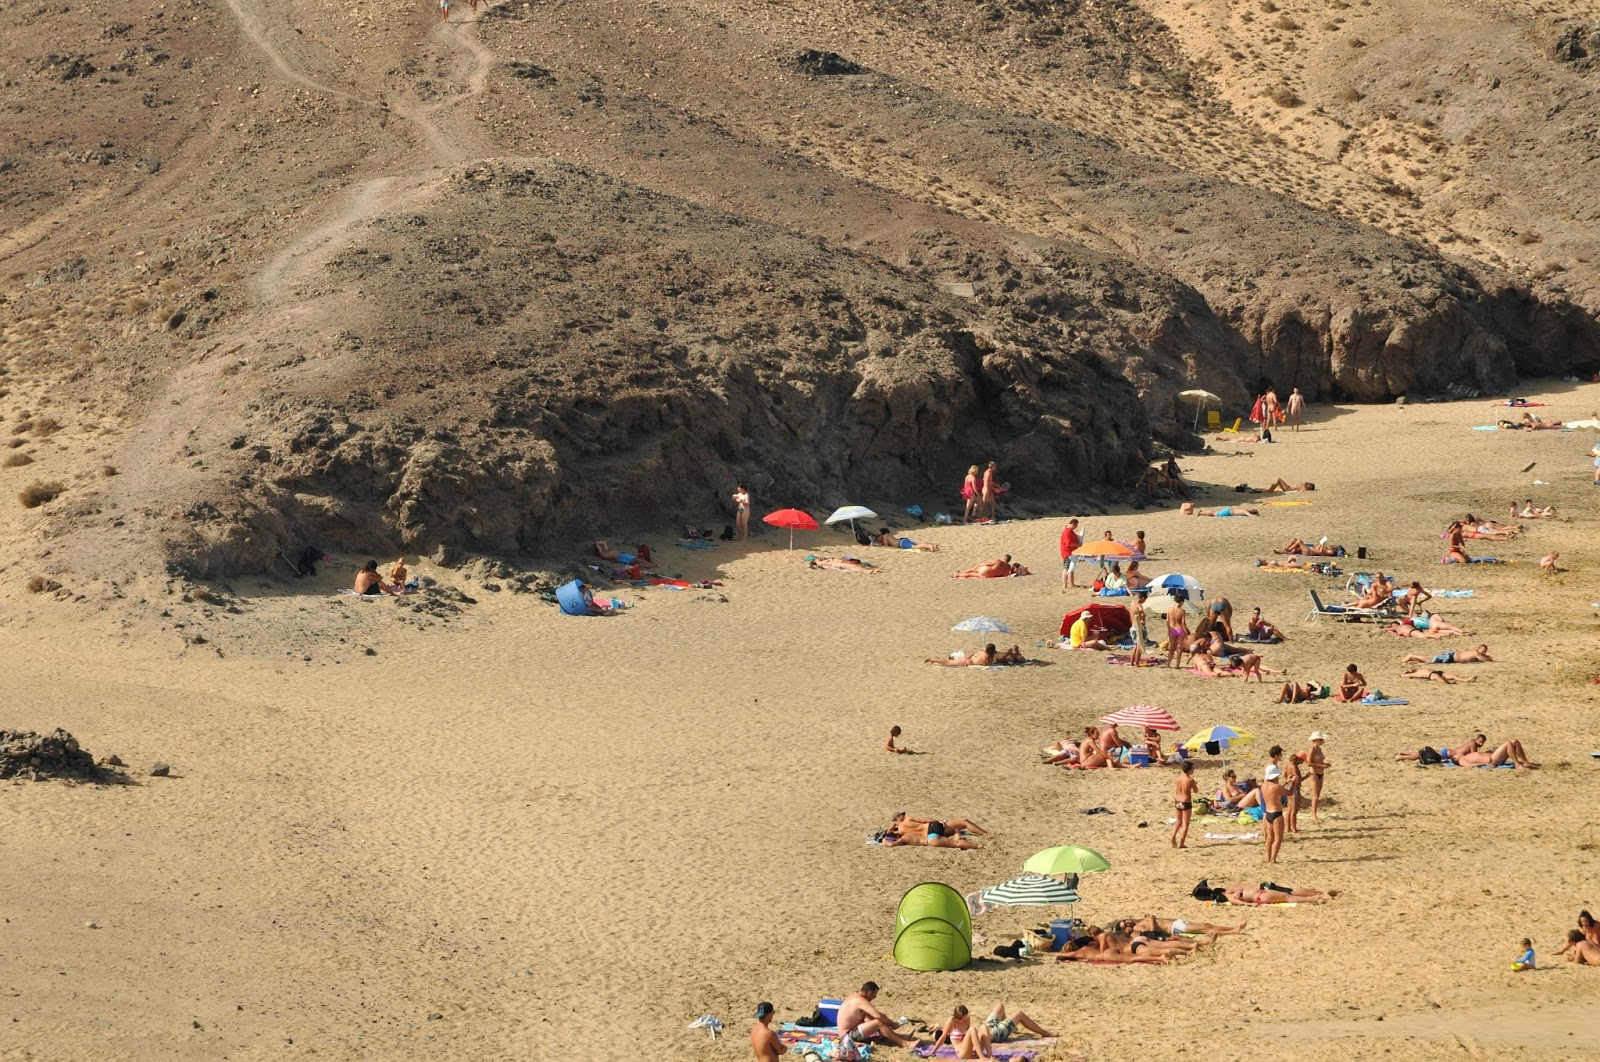 Le più belle spiagge di Lanzarote: quali sono e come raggiungerle